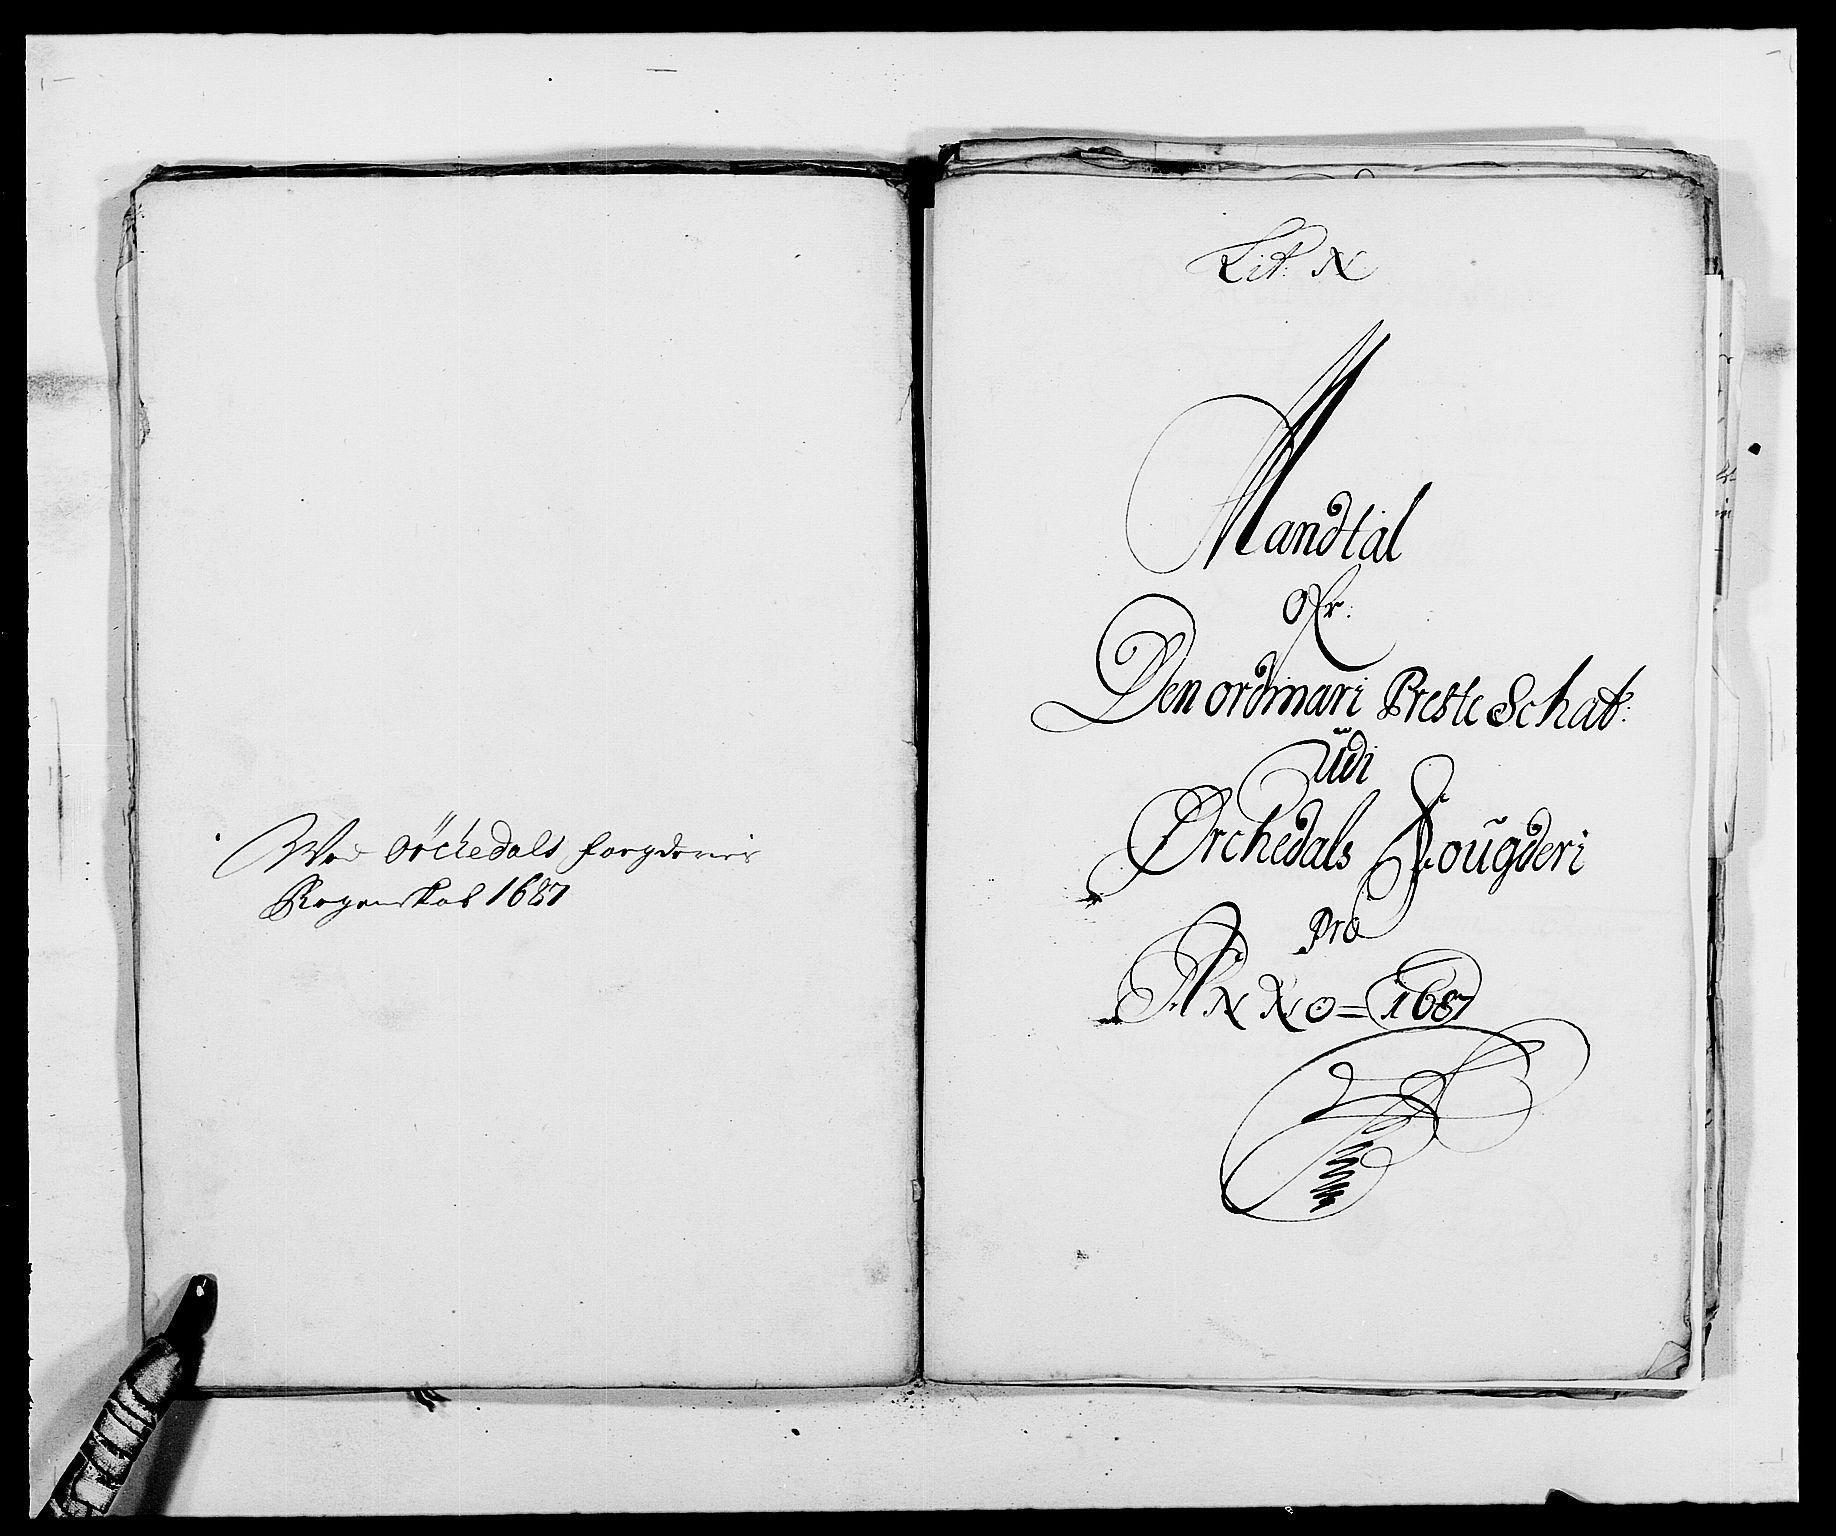 RA, Rentekammeret inntil 1814, Reviderte regnskaper, Fogderegnskap, R58/L3935: Fogderegnskap Orkdal, 1687-1688, s. 146